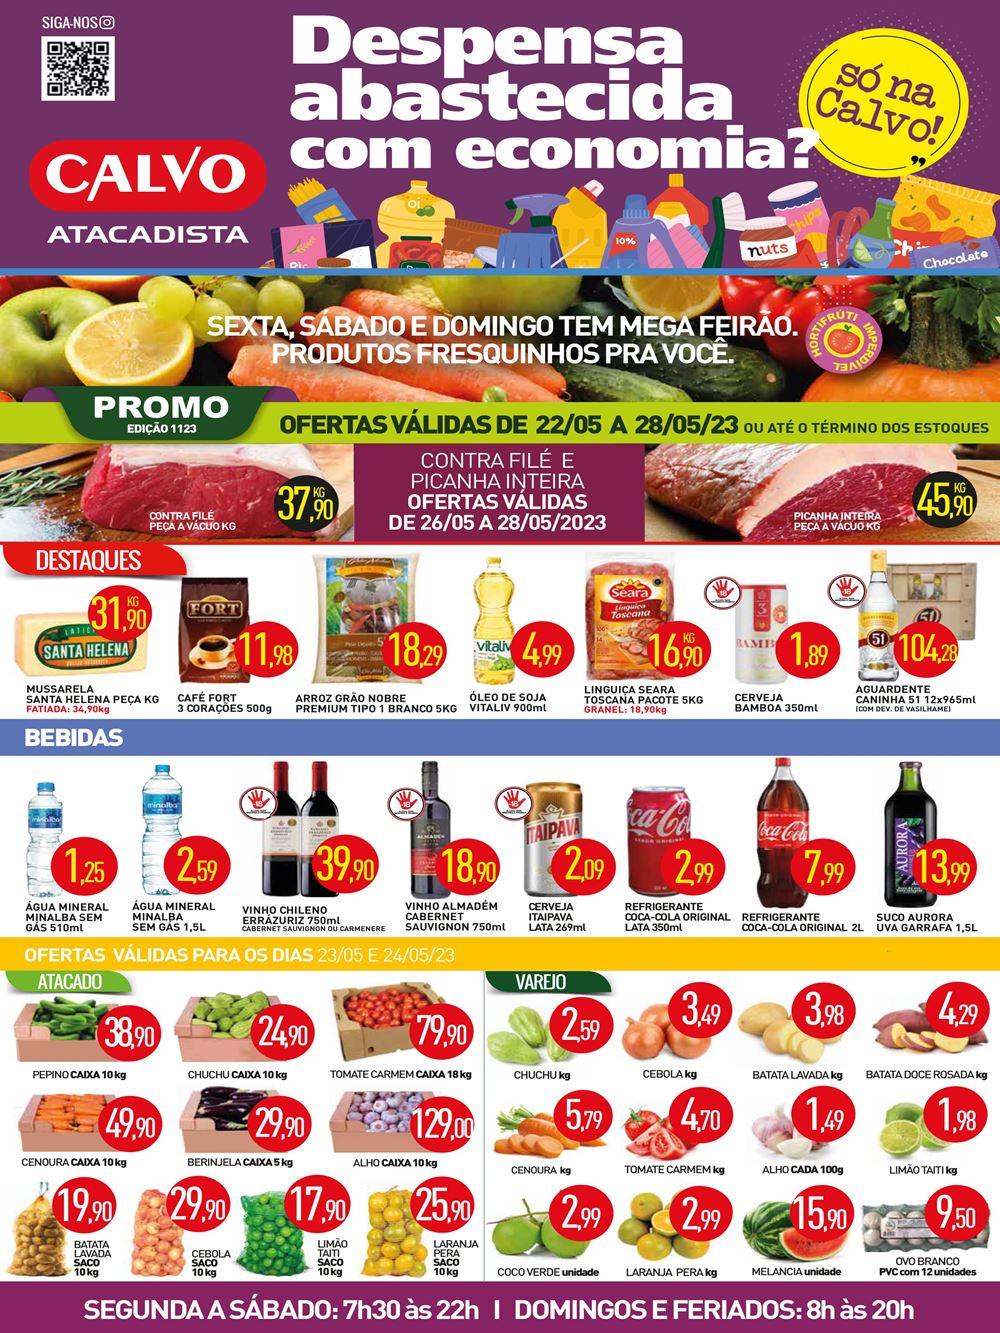 calvo-ofertas-descontos-hoje1-27 Ofertas de supermercados